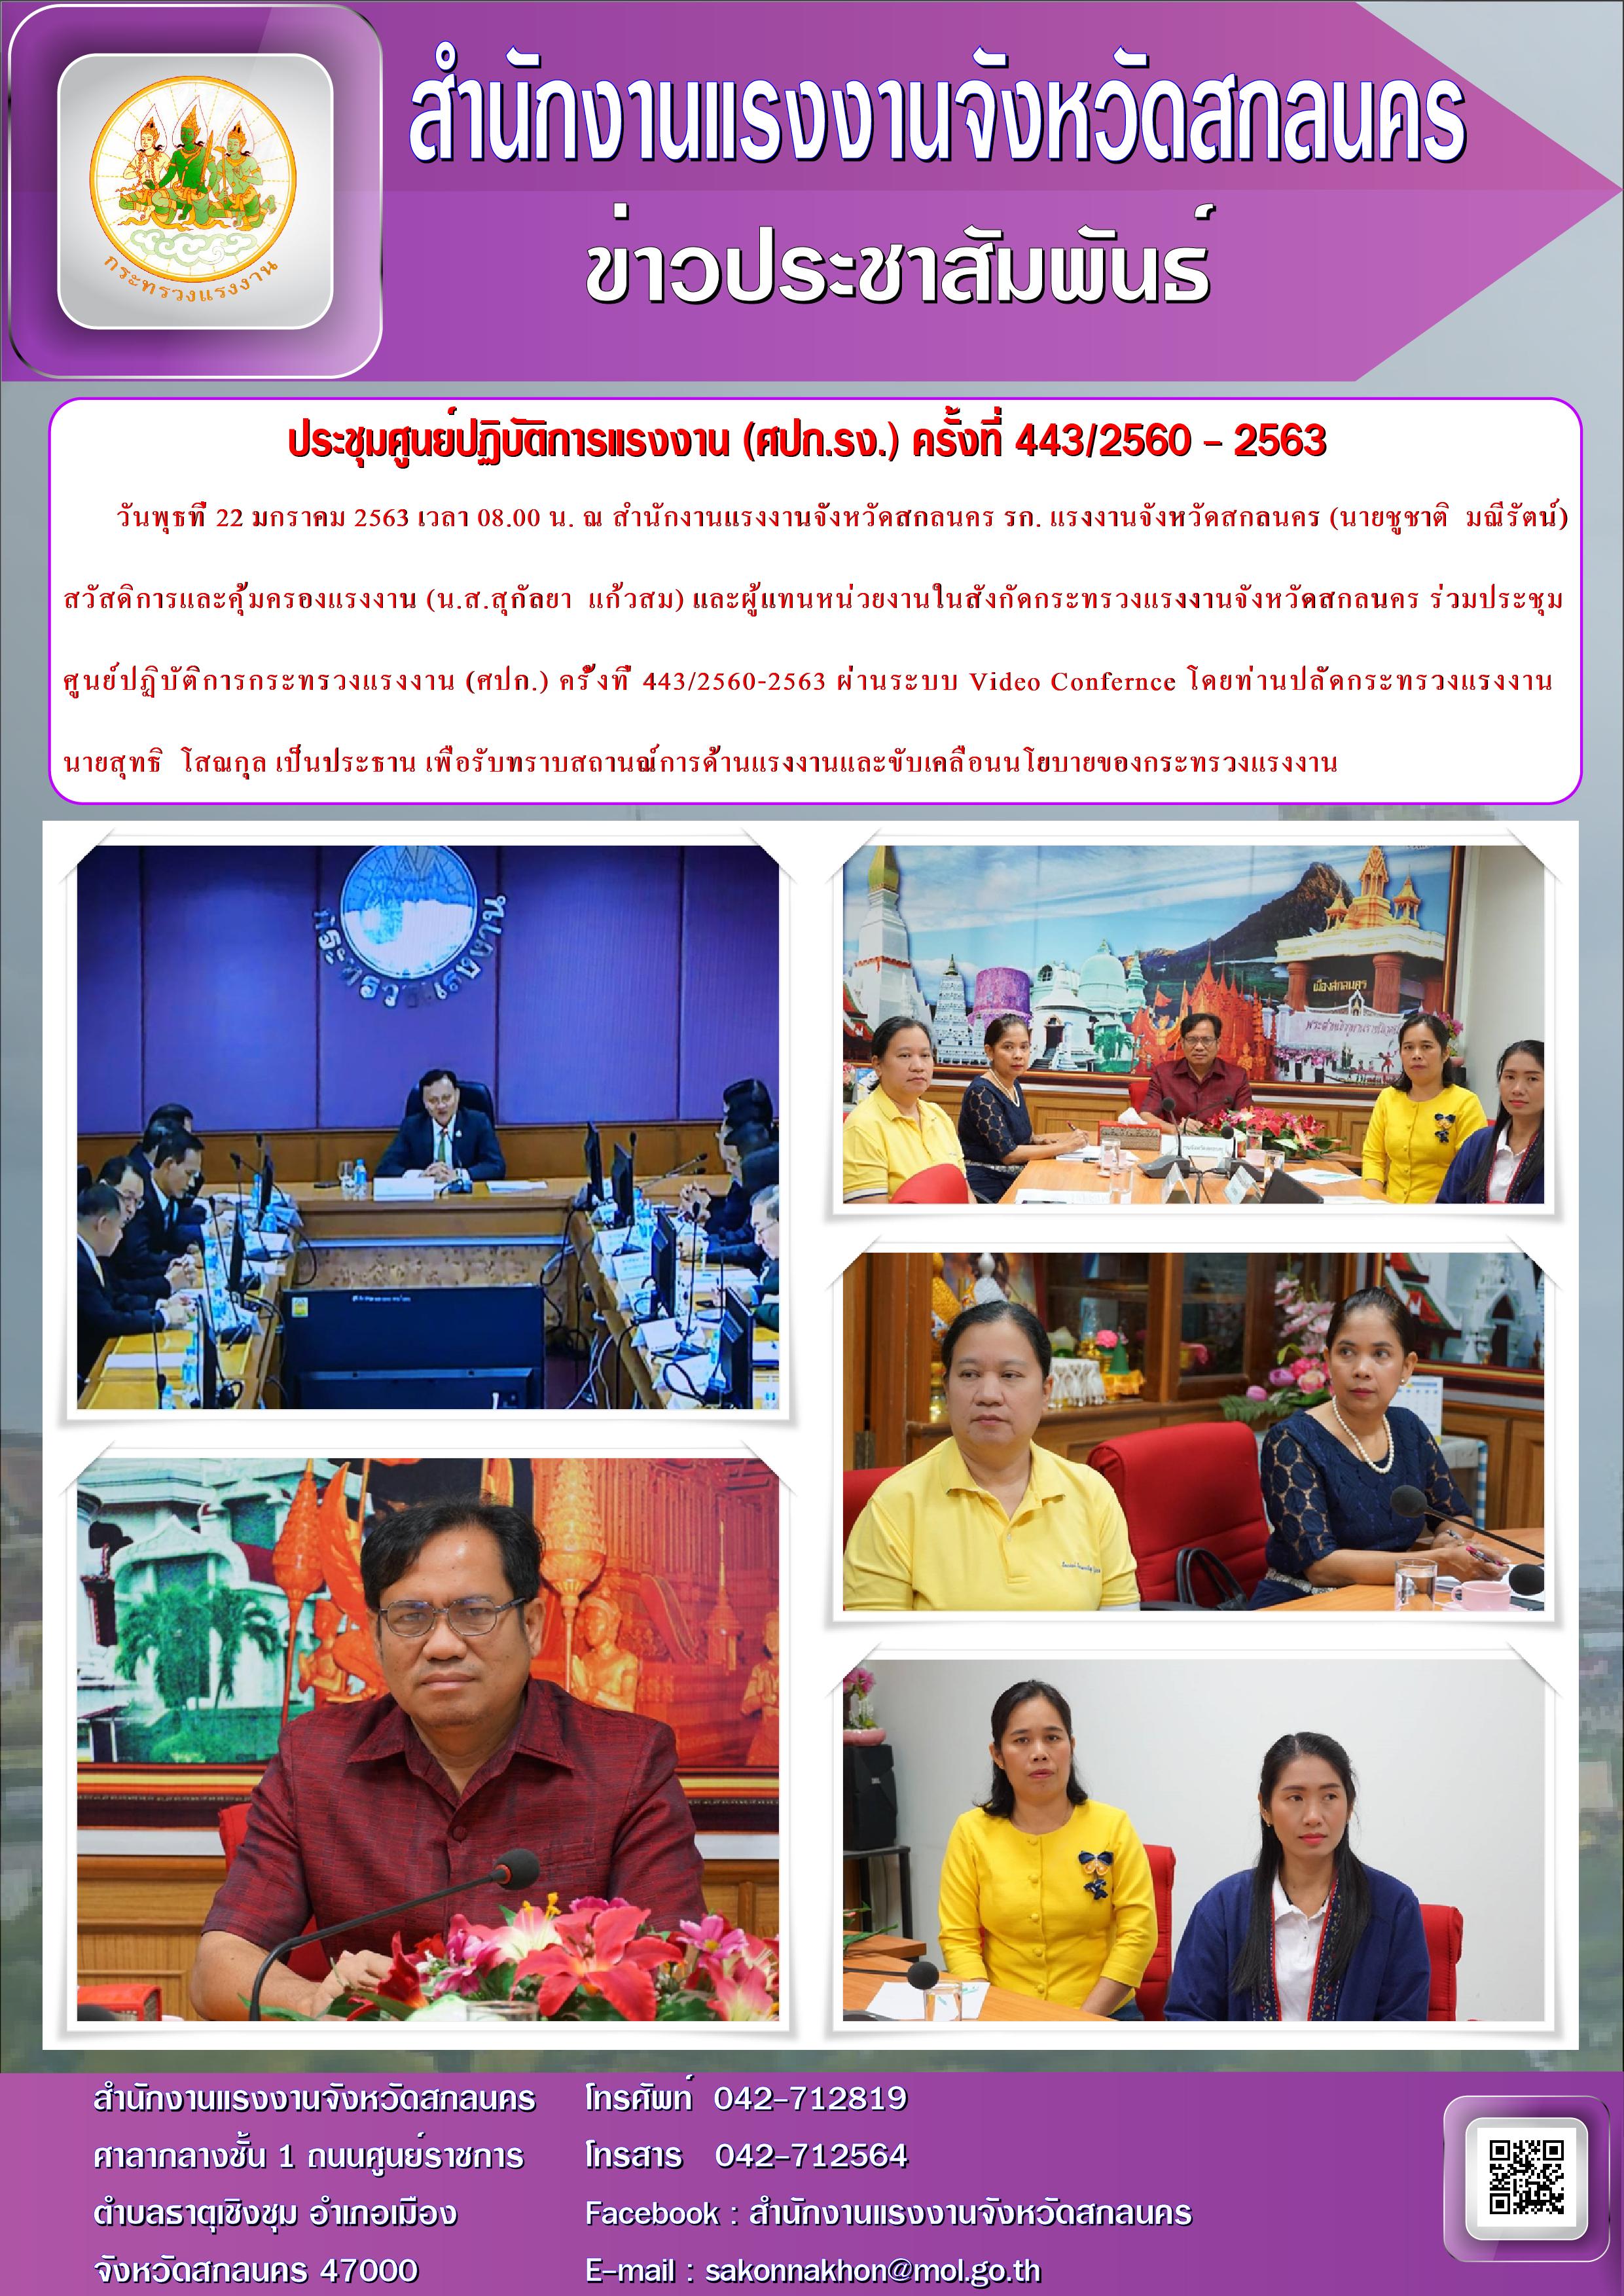 สำนักงานแรงงานจังหวัดสกลนคร ร่วมประชุมศูนย์ปฏิบัติการแรงงาน (ศปก.รง.) คั้งที่ 443/2560-2563